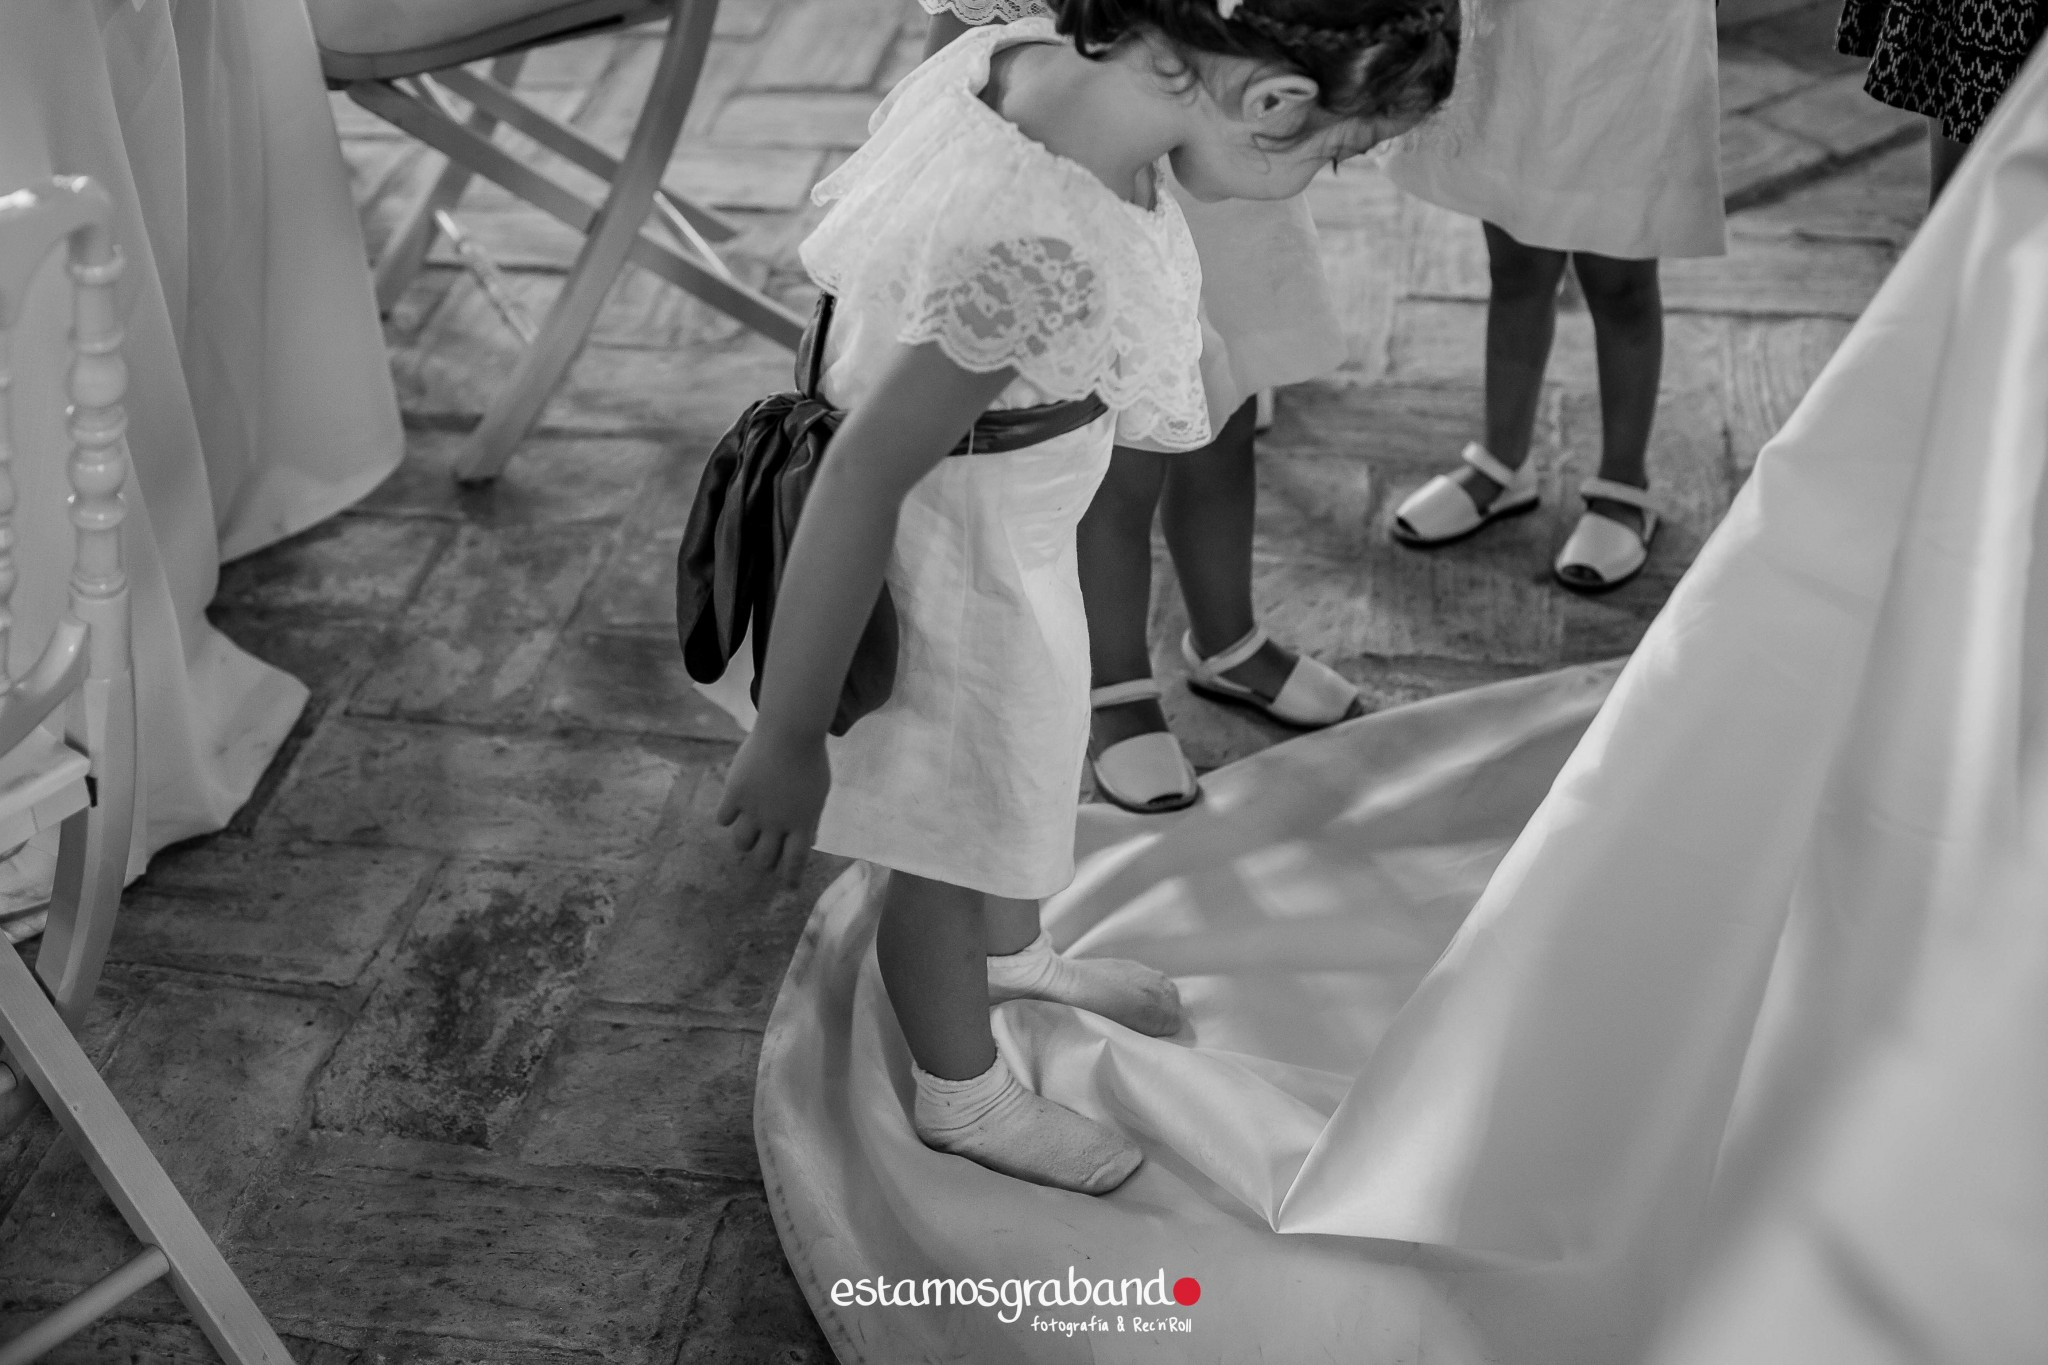 fotografo-de-bodas-jerez_mari-paz-jaime_bodegas-tradiciocc81n-40 32 escalones [Fotografía de bodas Jerez_Mari Paz & Jaime] - video boda cadiz